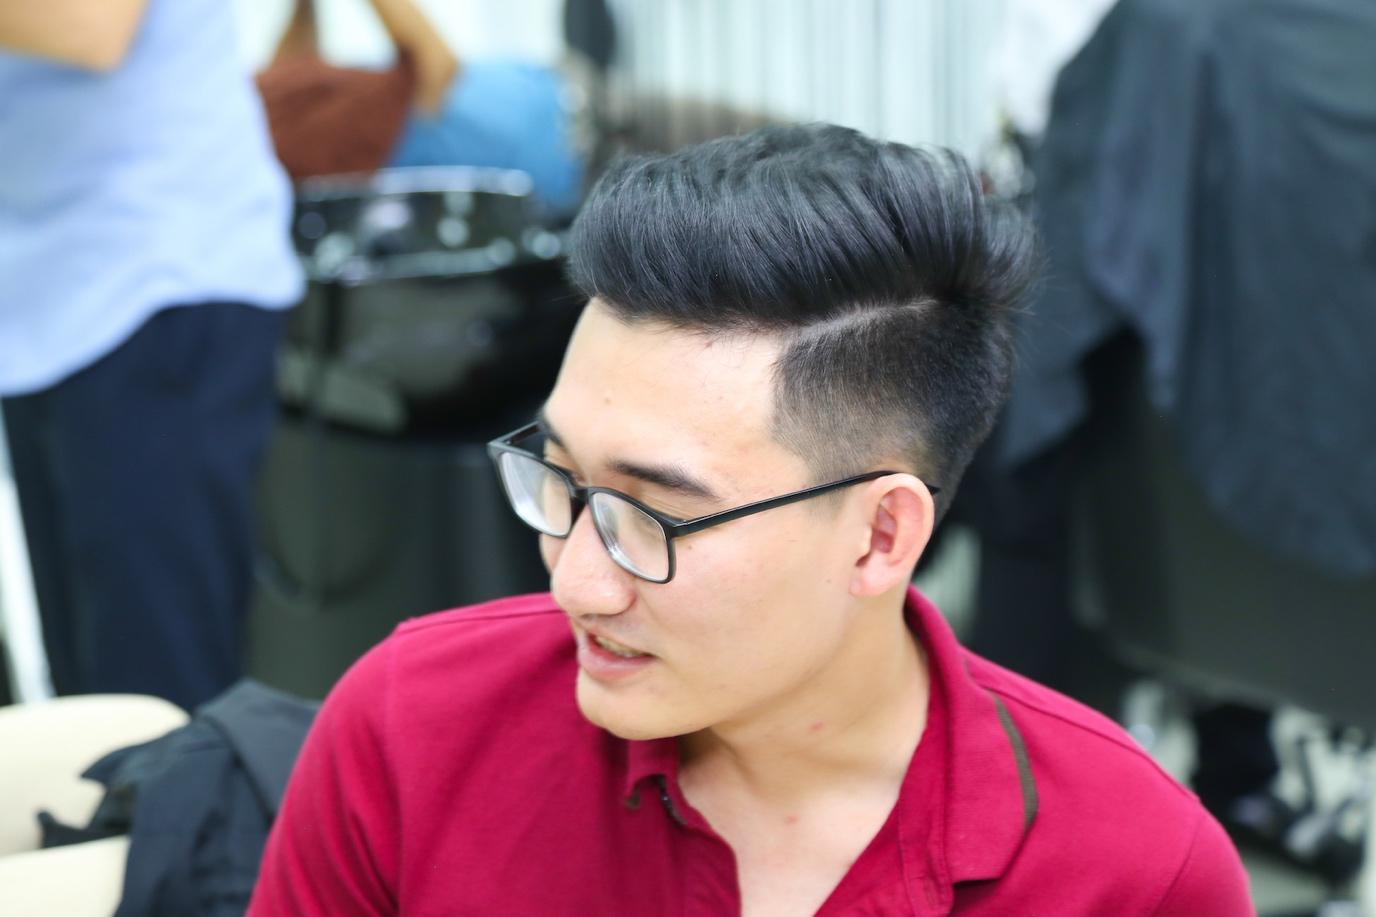 Kiểu tóc rẽ ngôi lệch cho nam hàn quốc